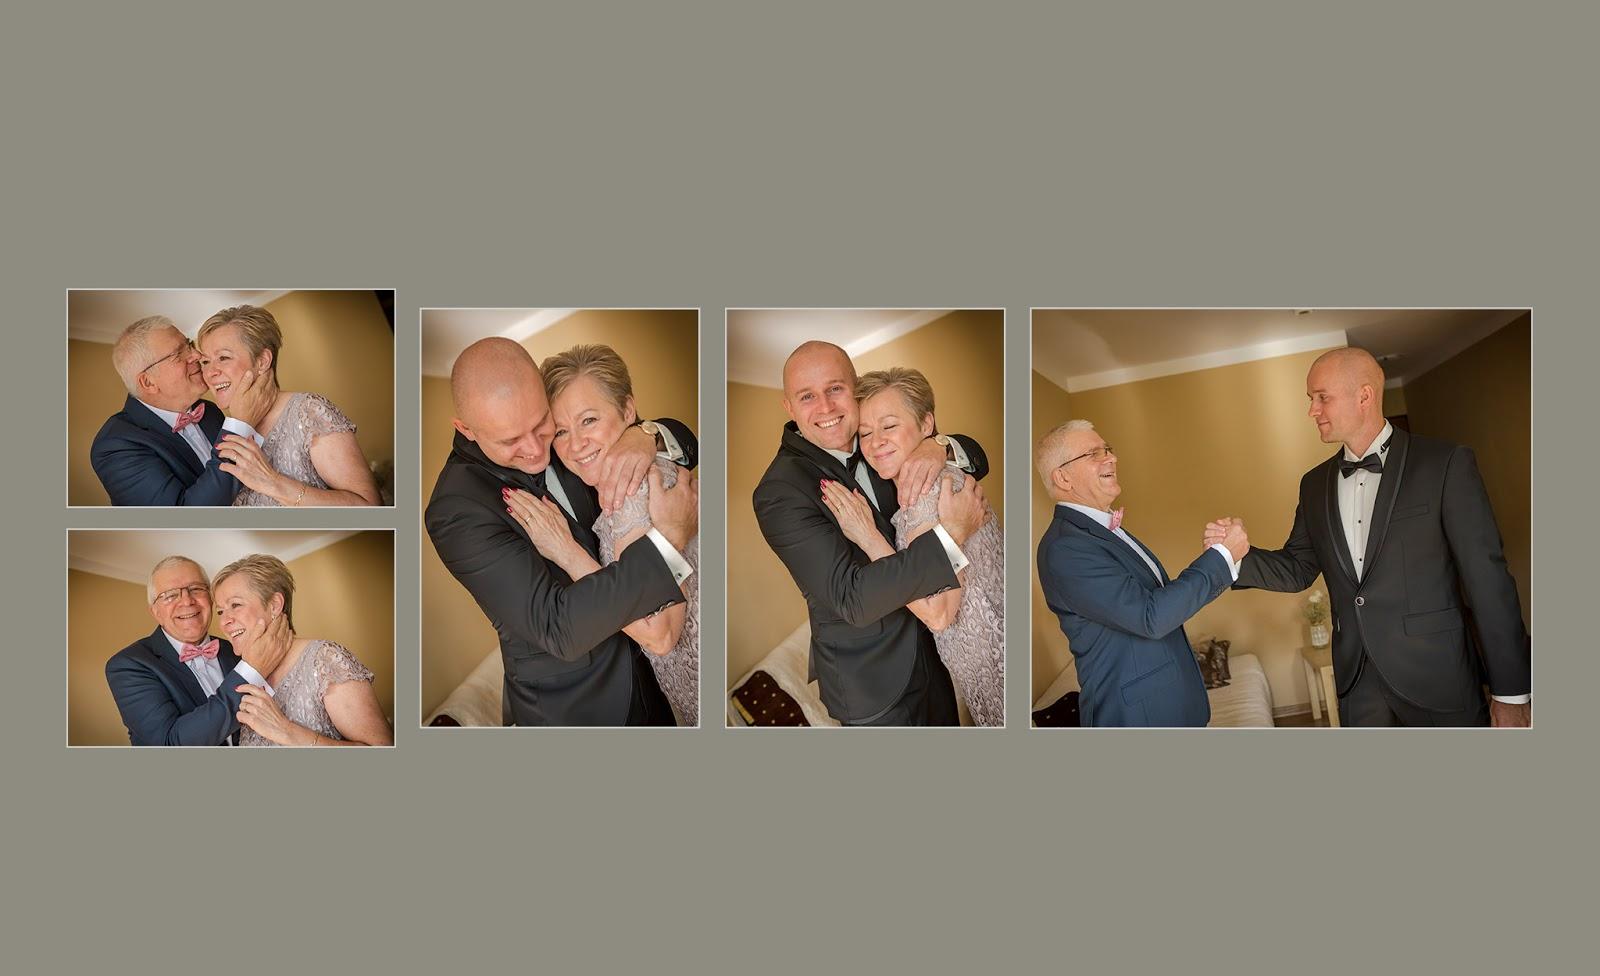 Wyjątkowe i piękne zdjęcia ślubne z rodzicami w dniu ślubu - #ZdjęciaSłomińskiego Wrocław. Fotograf ślubny.